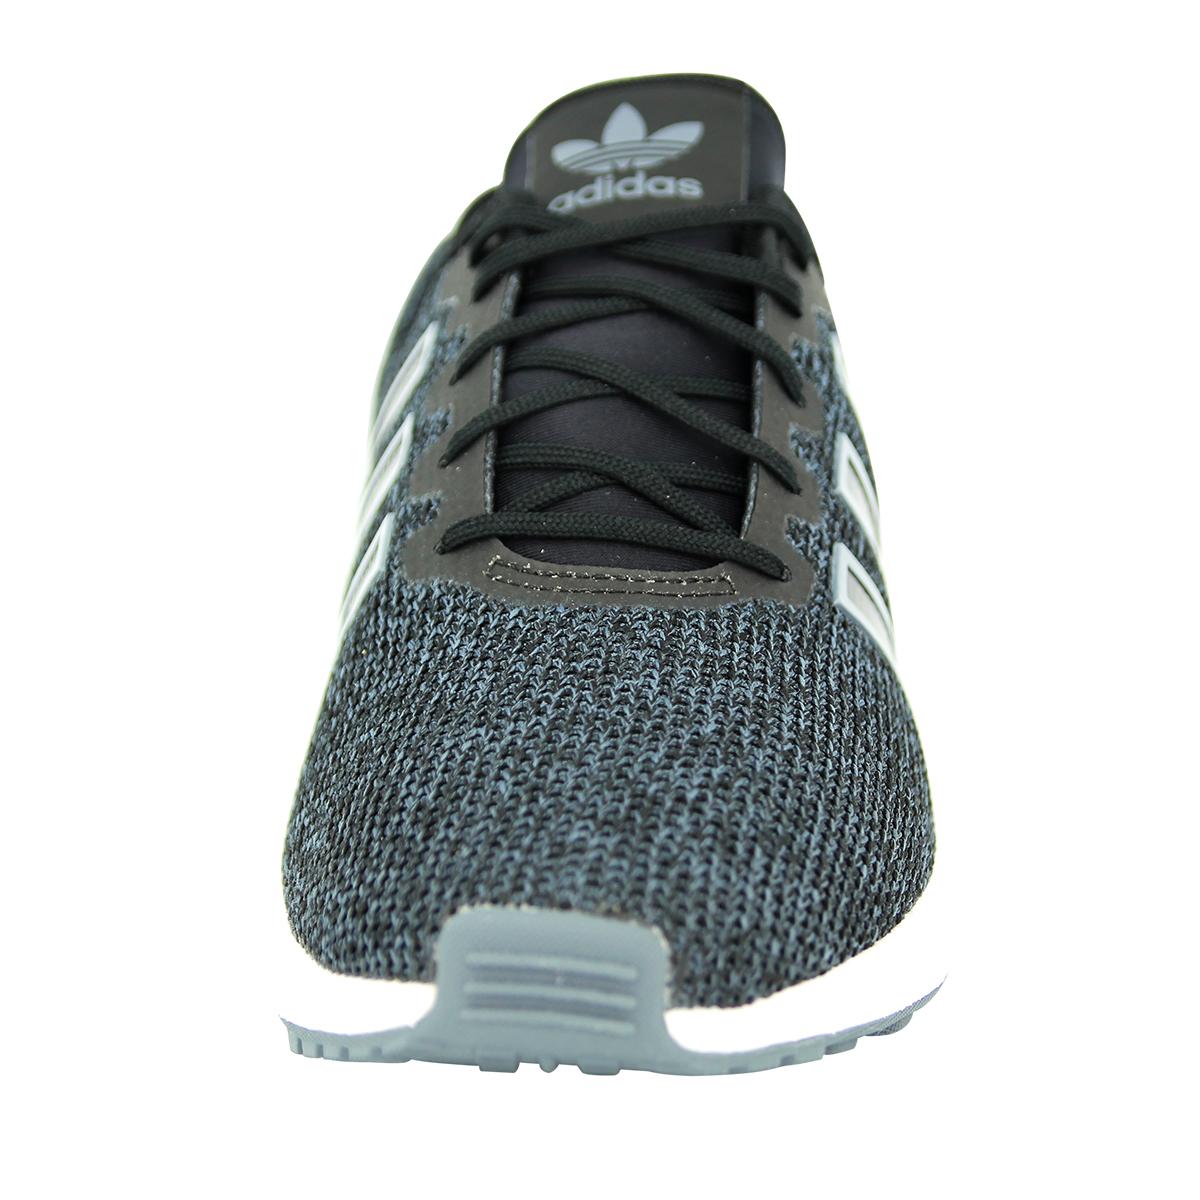 ADIDAS Originals Zx Flux ADV ADV ADV Nero scarpe da ginnastica Uomo Scarpe Nuovo | prezzo al minuto  2806cf